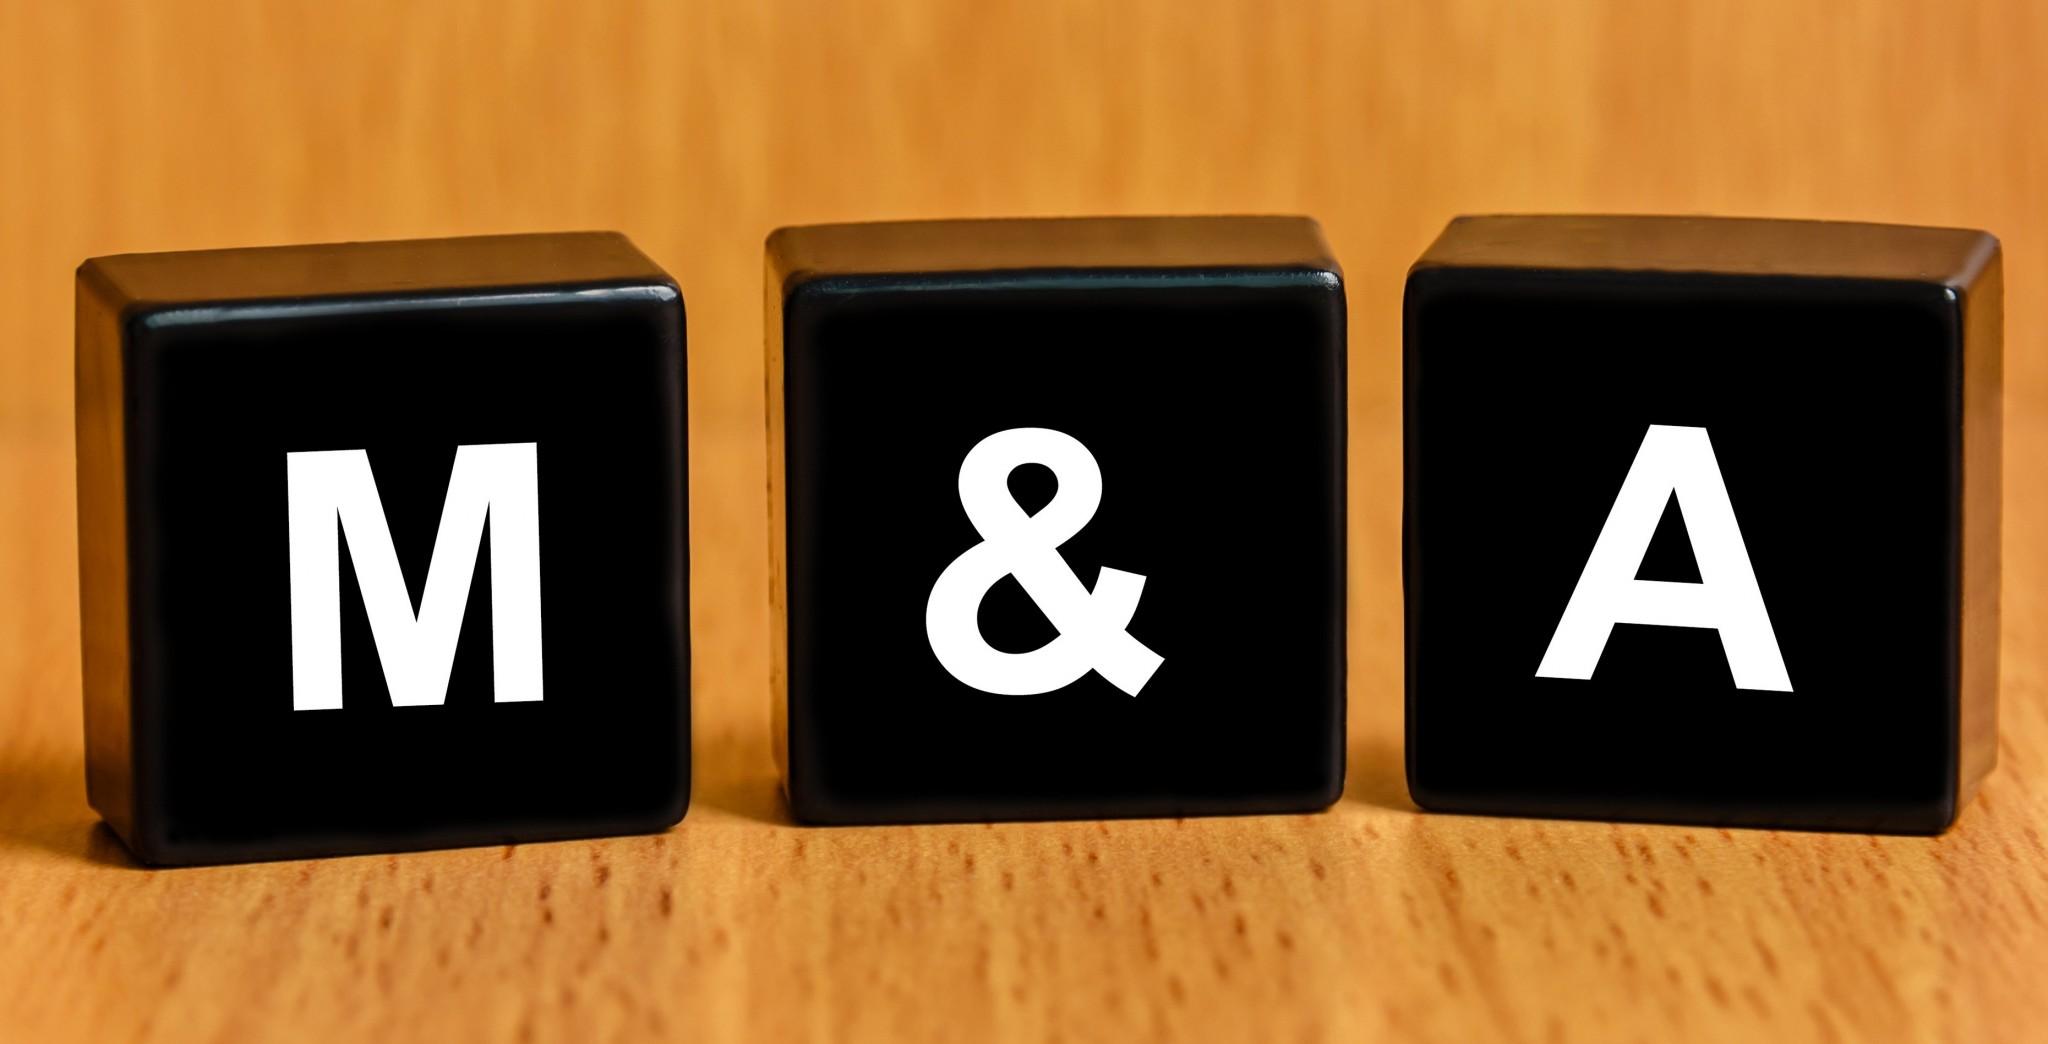 Muốn sáp nhập công ty cần làm những thủ tục gì?